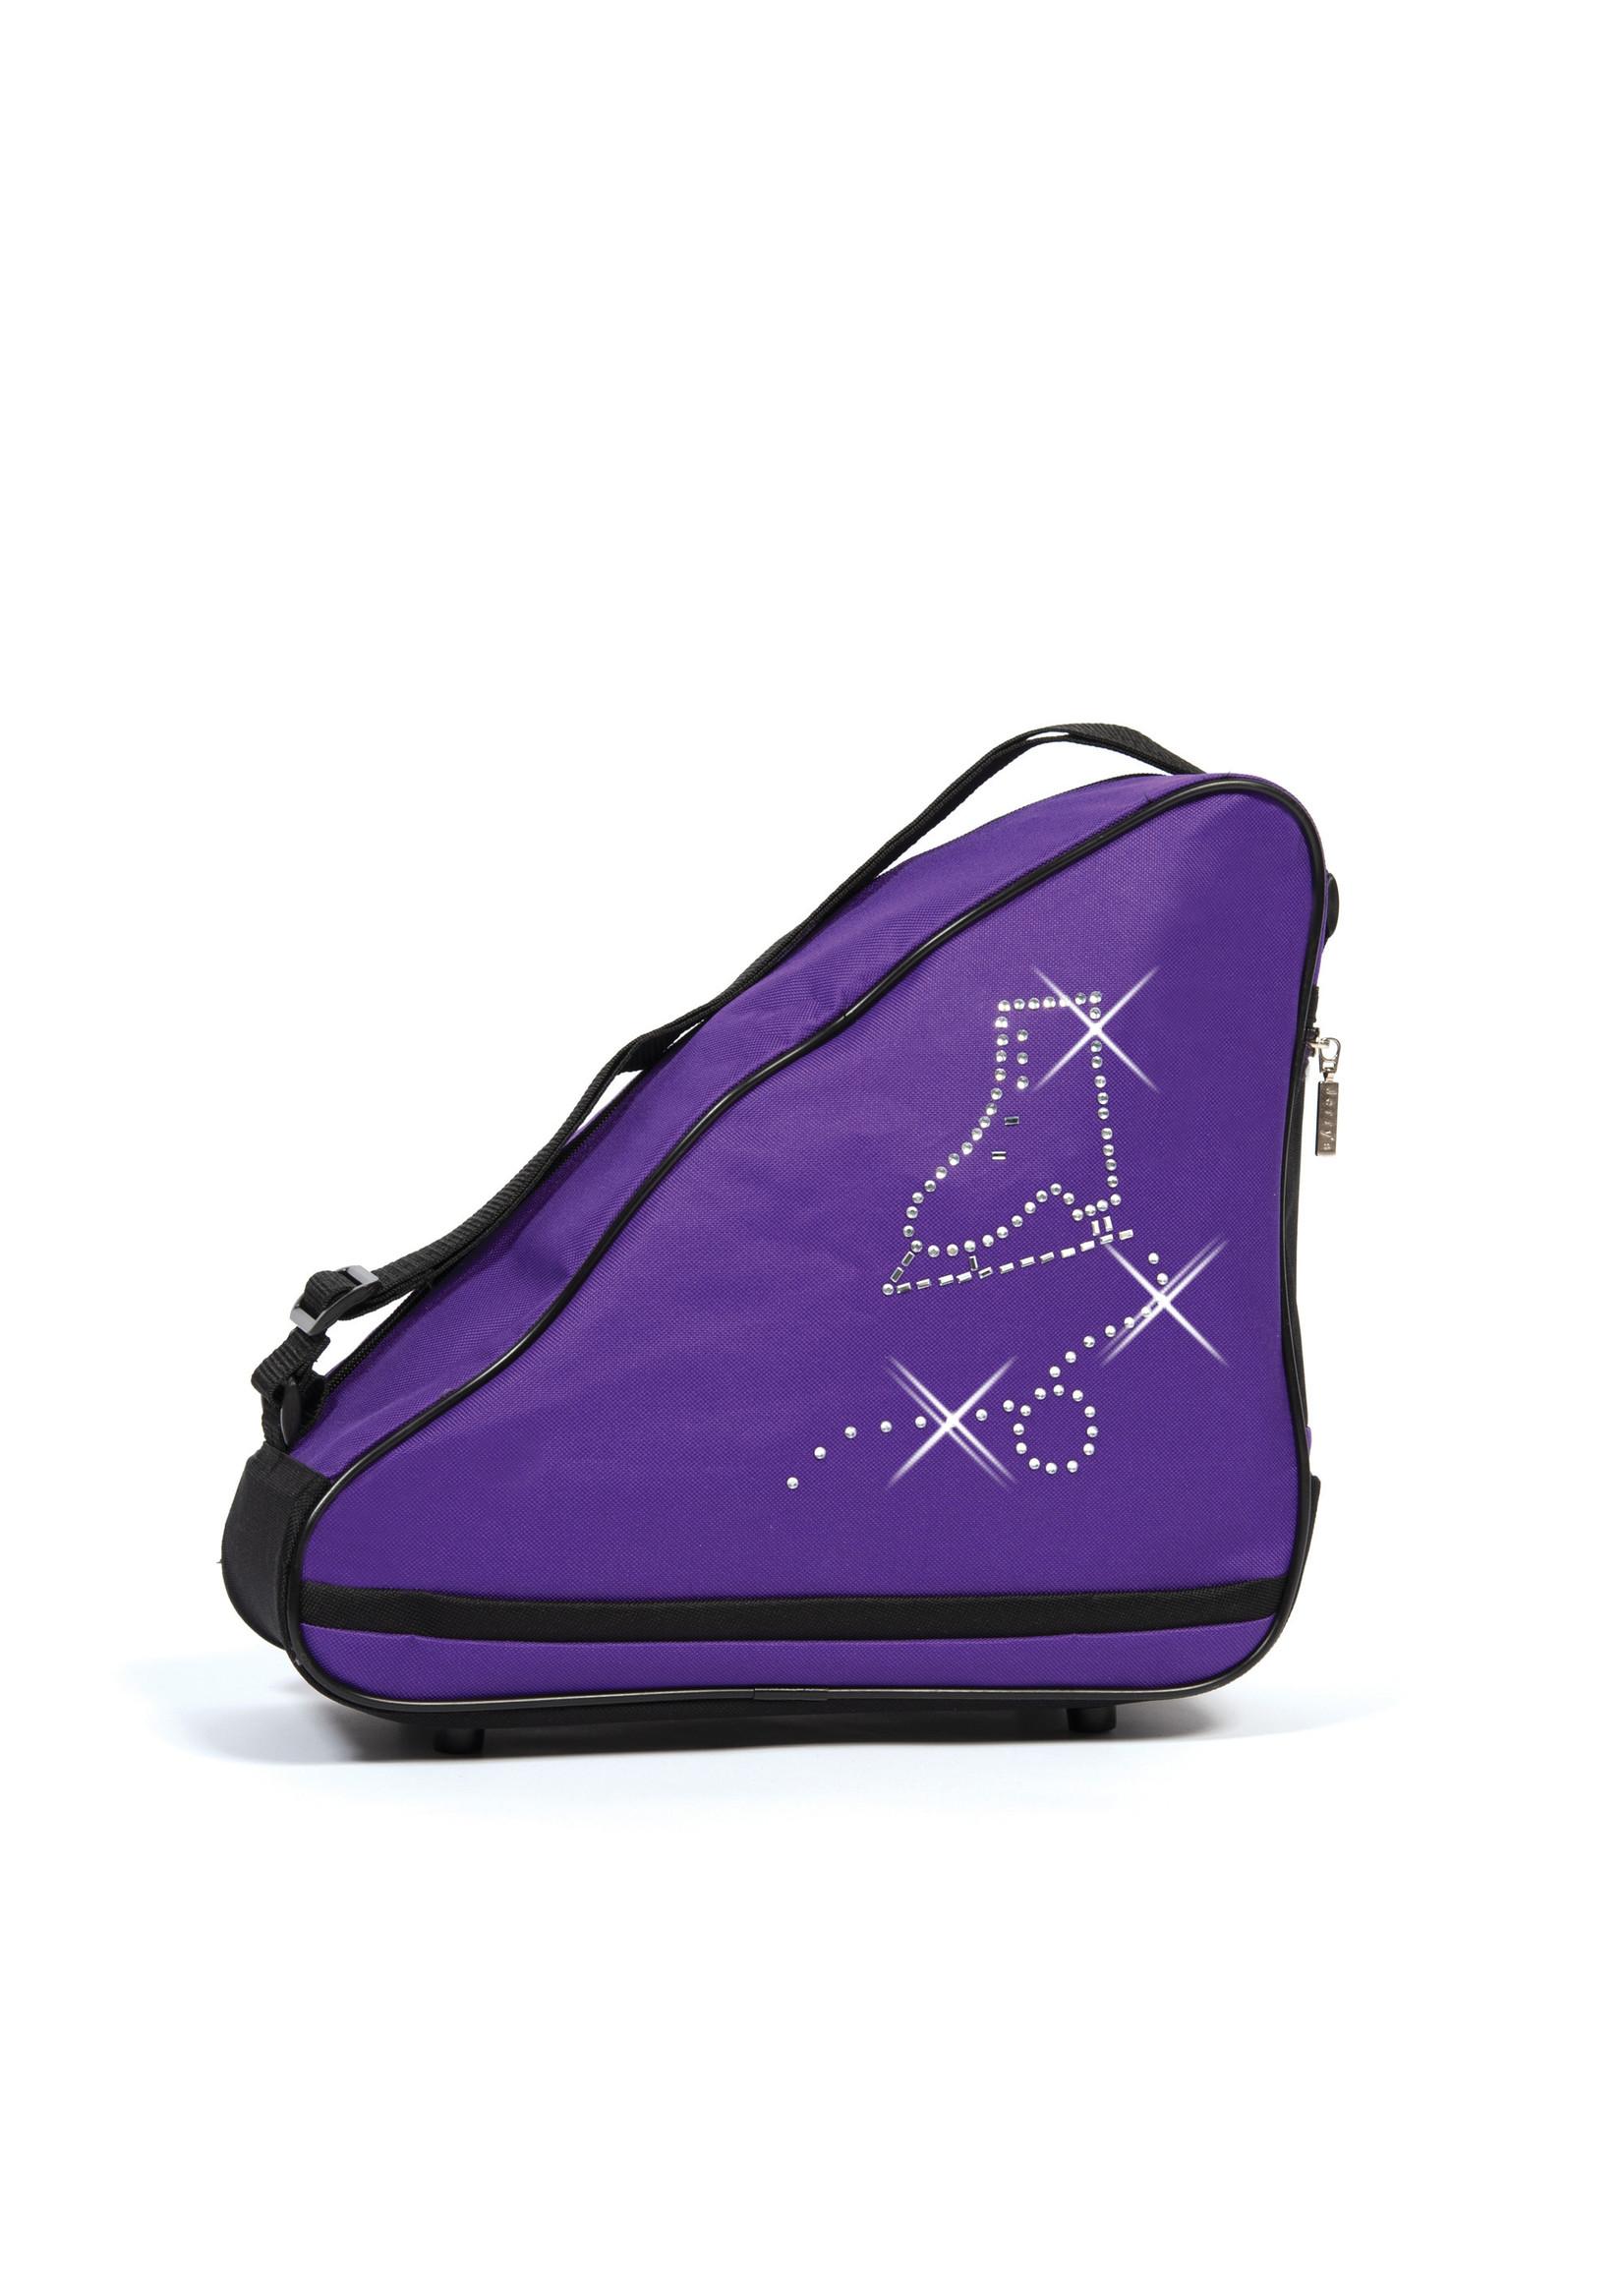 JERRY'S CRYSTAL SKATE BAG FIGURE SKATING